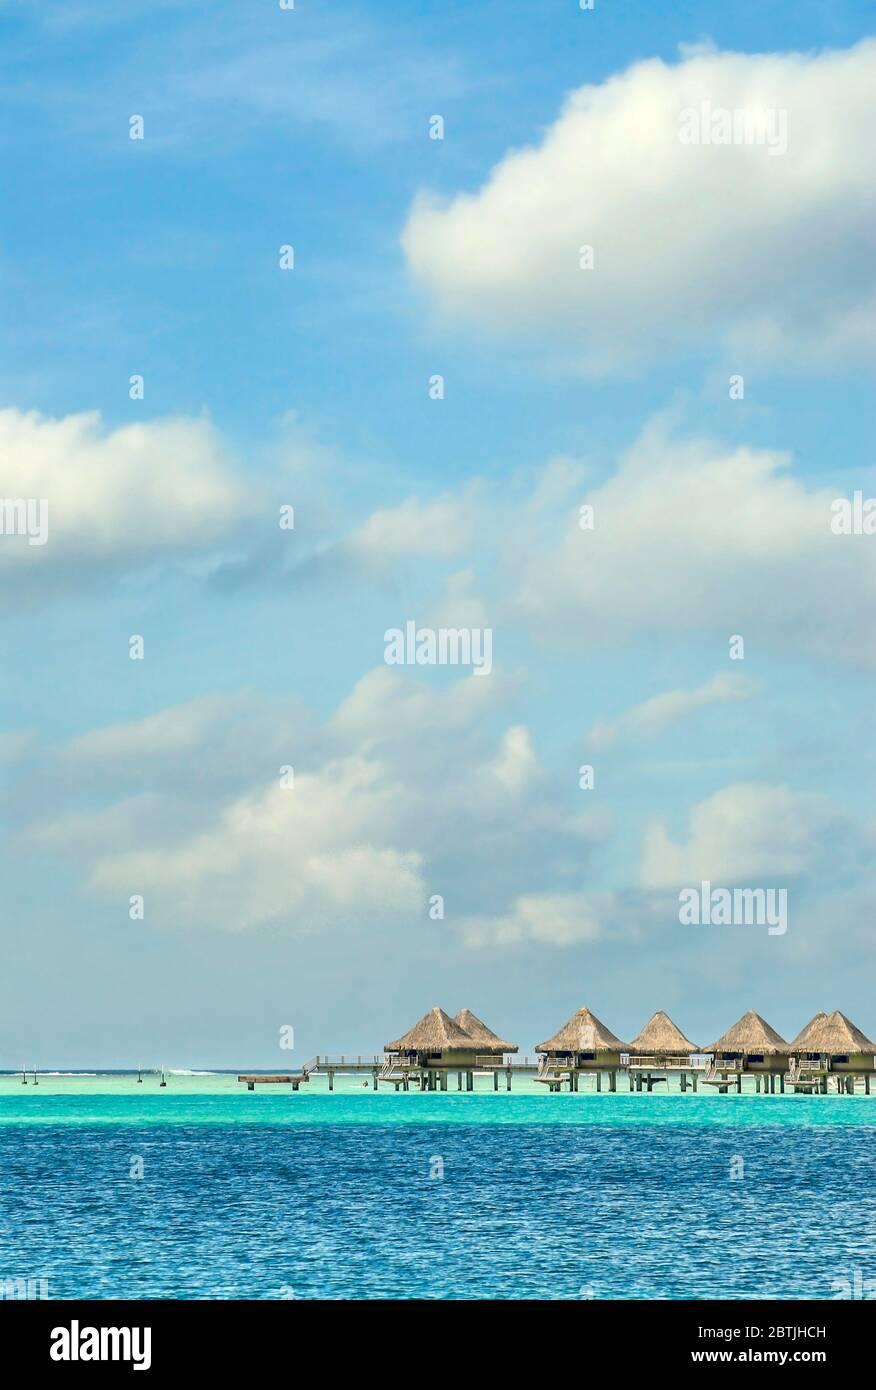 Complexe de luxe situé sur une île au bord d'un lagon, à Bora Bora, Polynésie française Banque D'Images